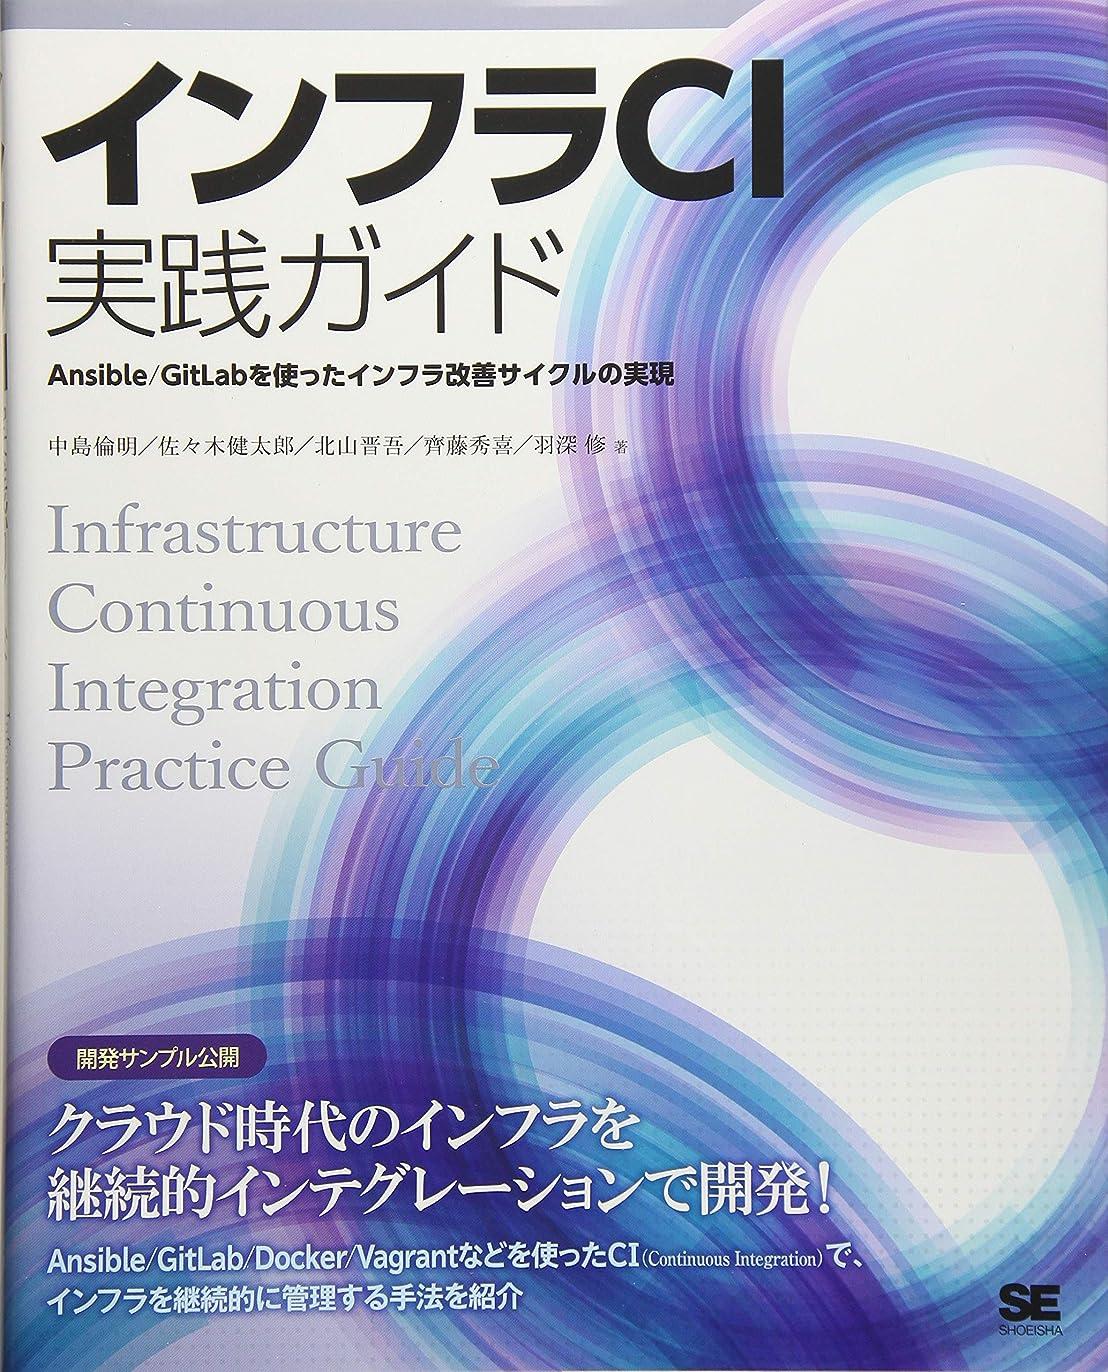 キャプション間違いなく売上高インフラ/ネットワークエンジニアのためのネットワーク?デザインパターン 実務で使えるネットワーク構成の最適解27